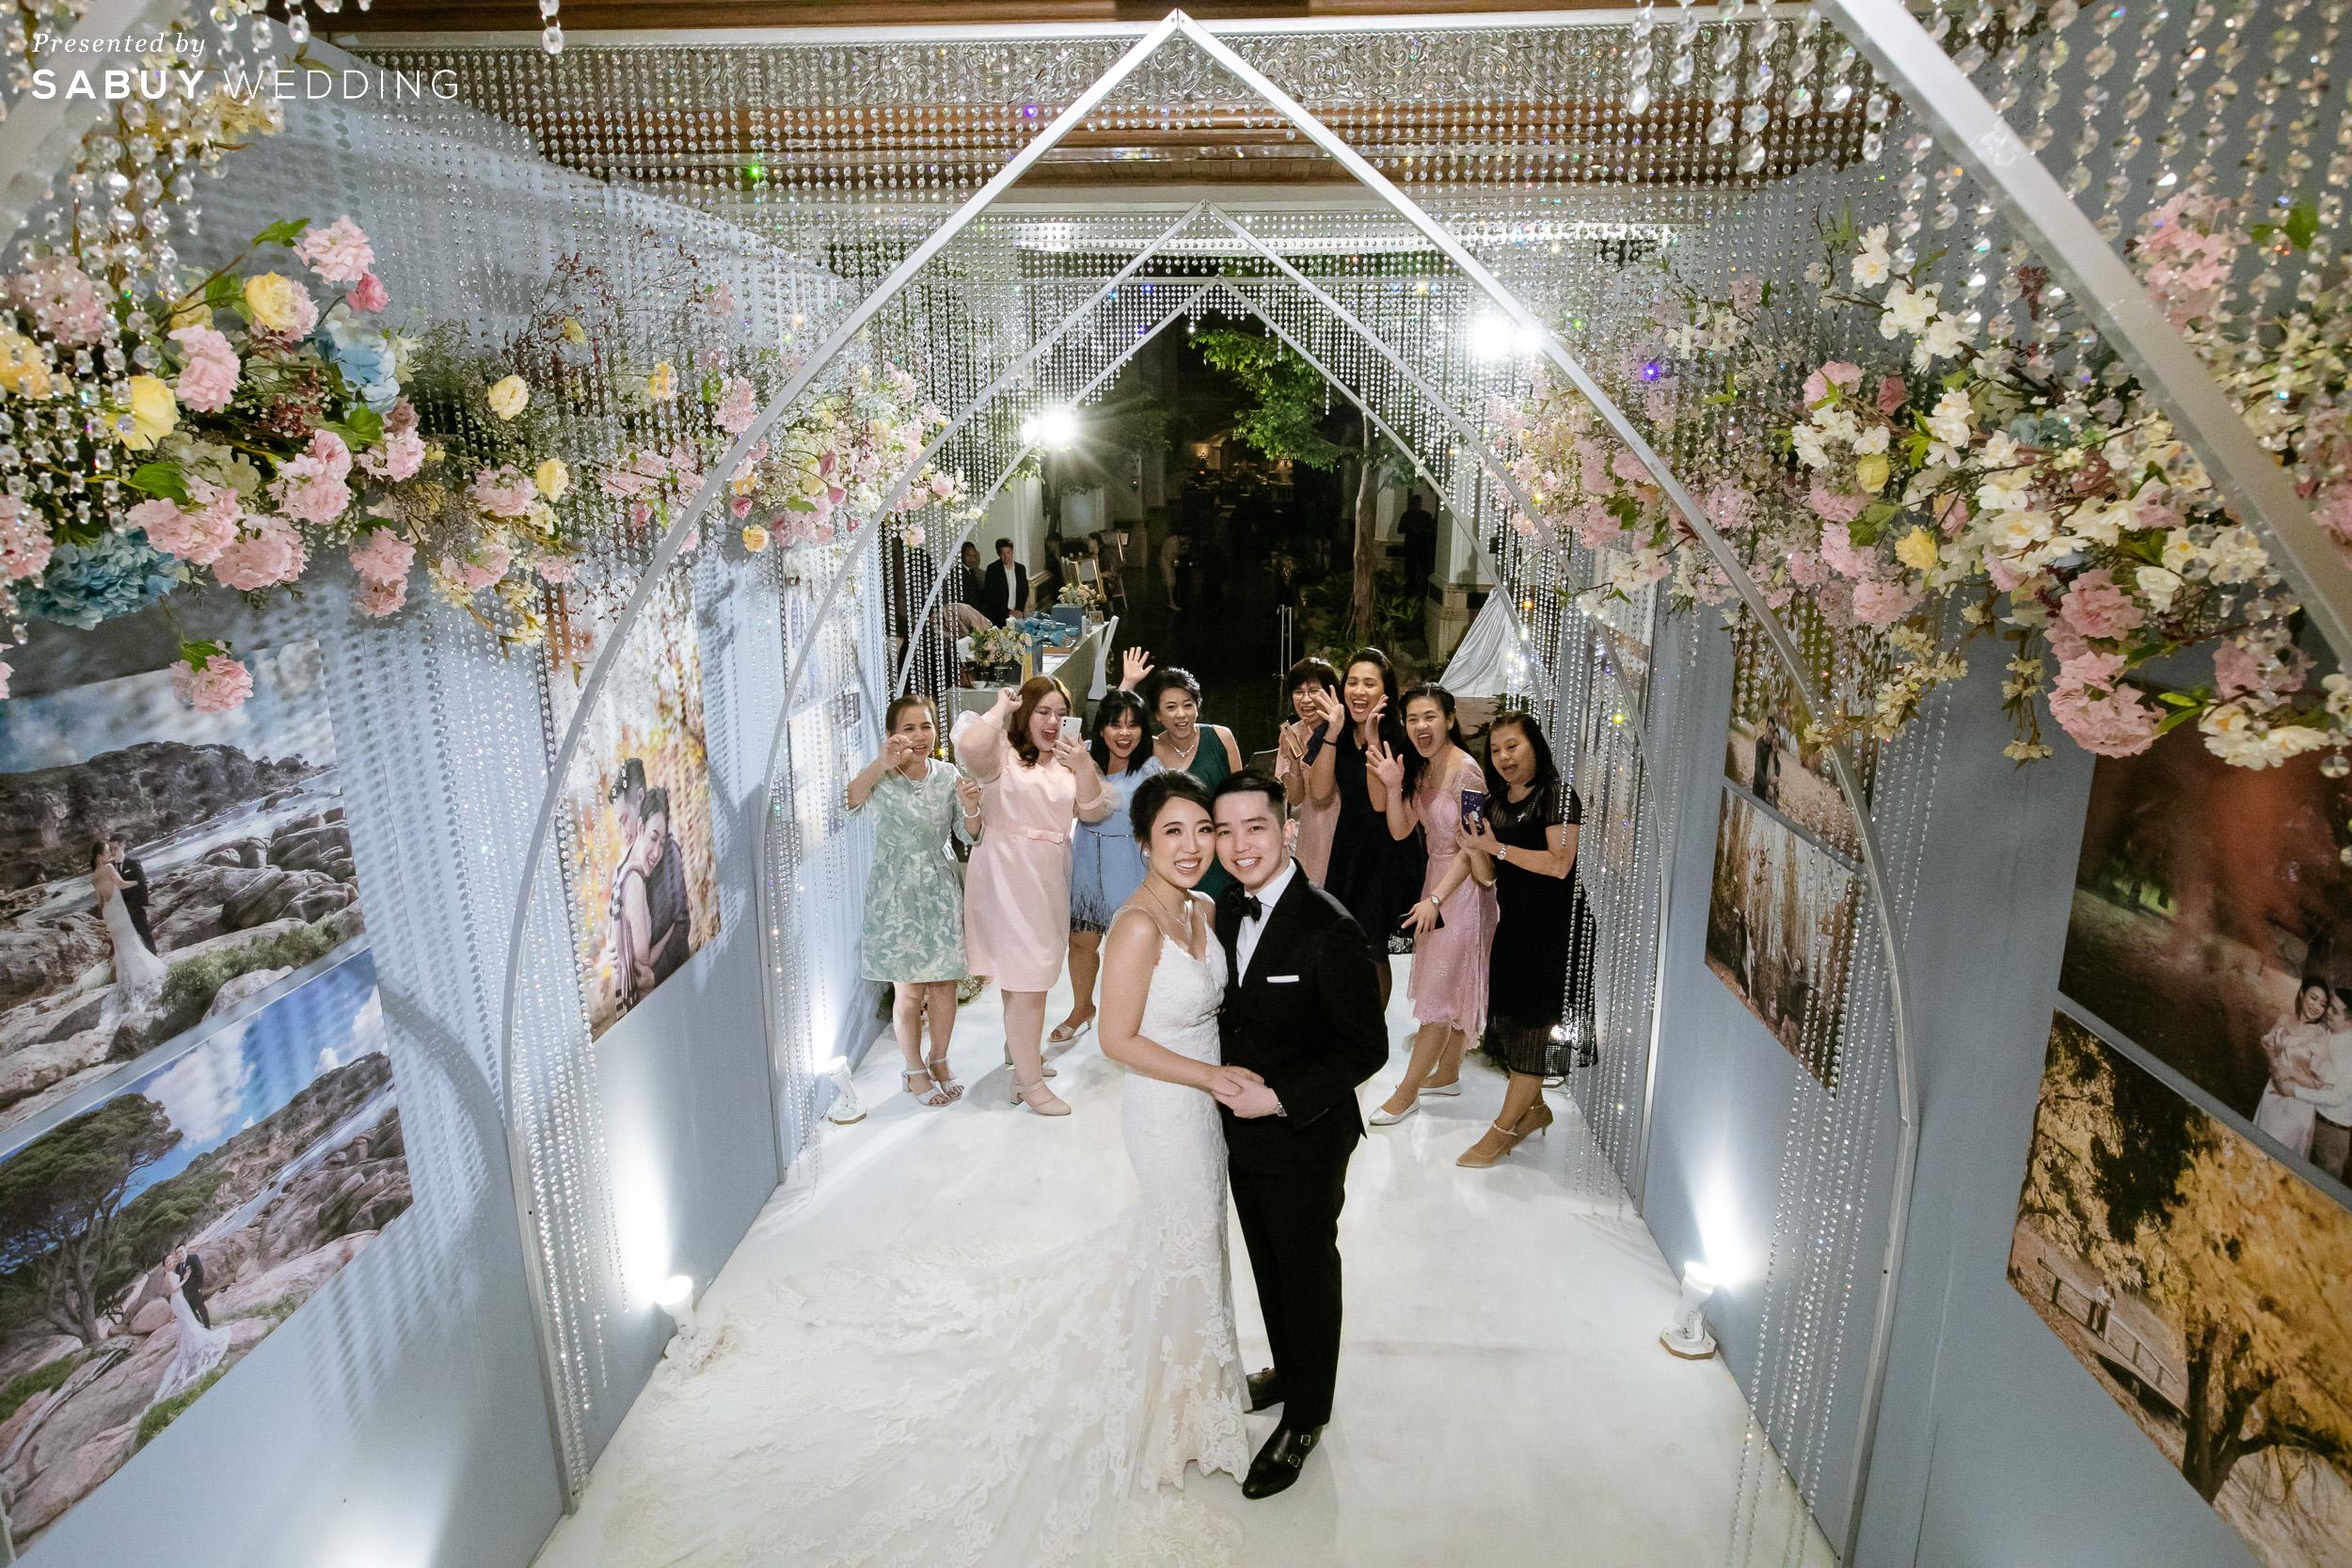 ตกแต่งงานแต่งงาน,ออแกไนเซอร์ รีวิวงานแต่งสุด Classy ด้วยธีมสี Slate Blue และคริสตัล @ Grand Hyatt Erawan Bangkok